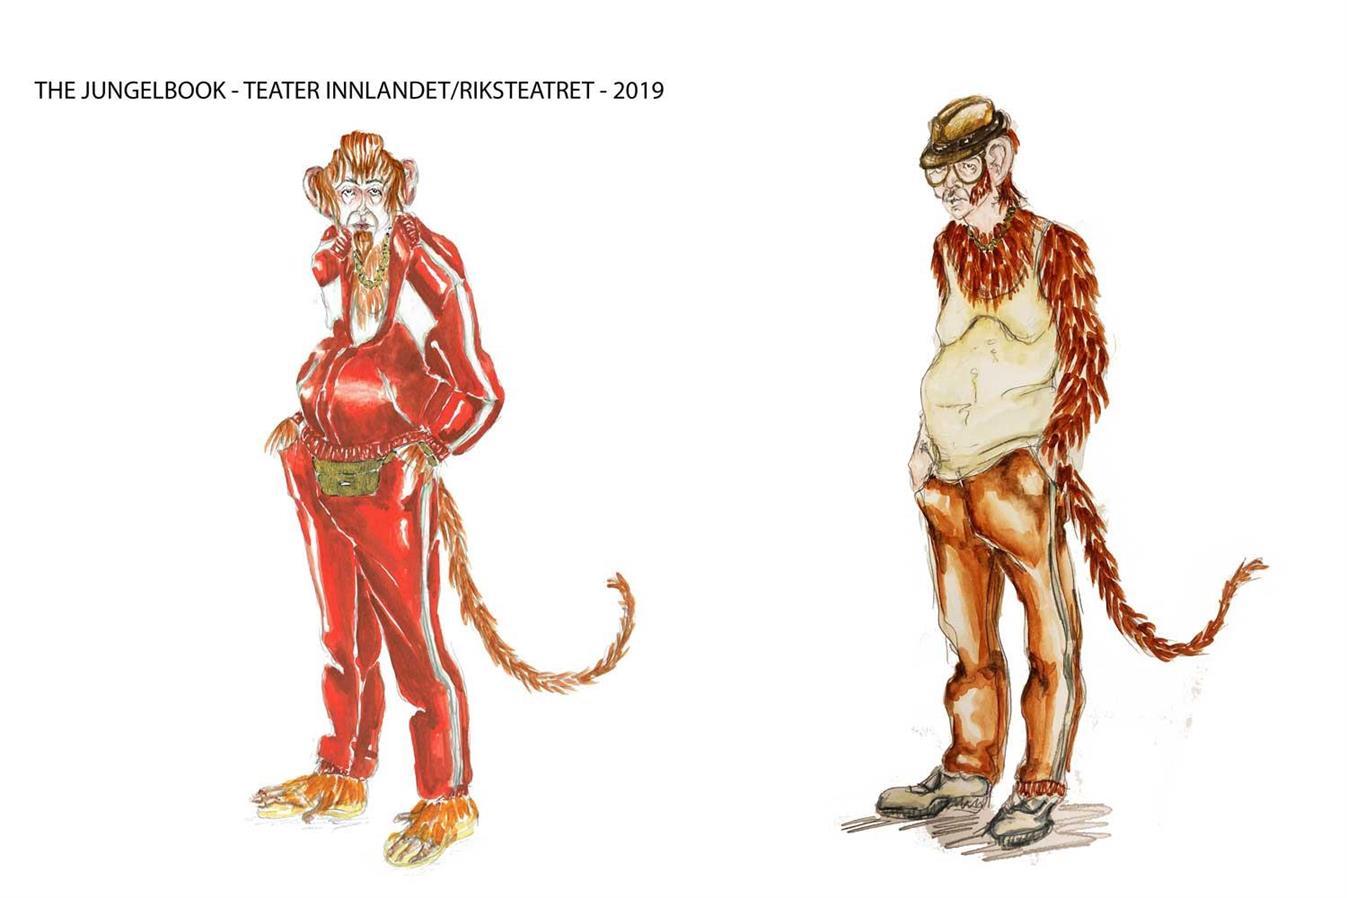 The Jungel Book - Teater Innlandet/Riksteatret - Director: Arvid Ones - Costume Design: Christina Lovery